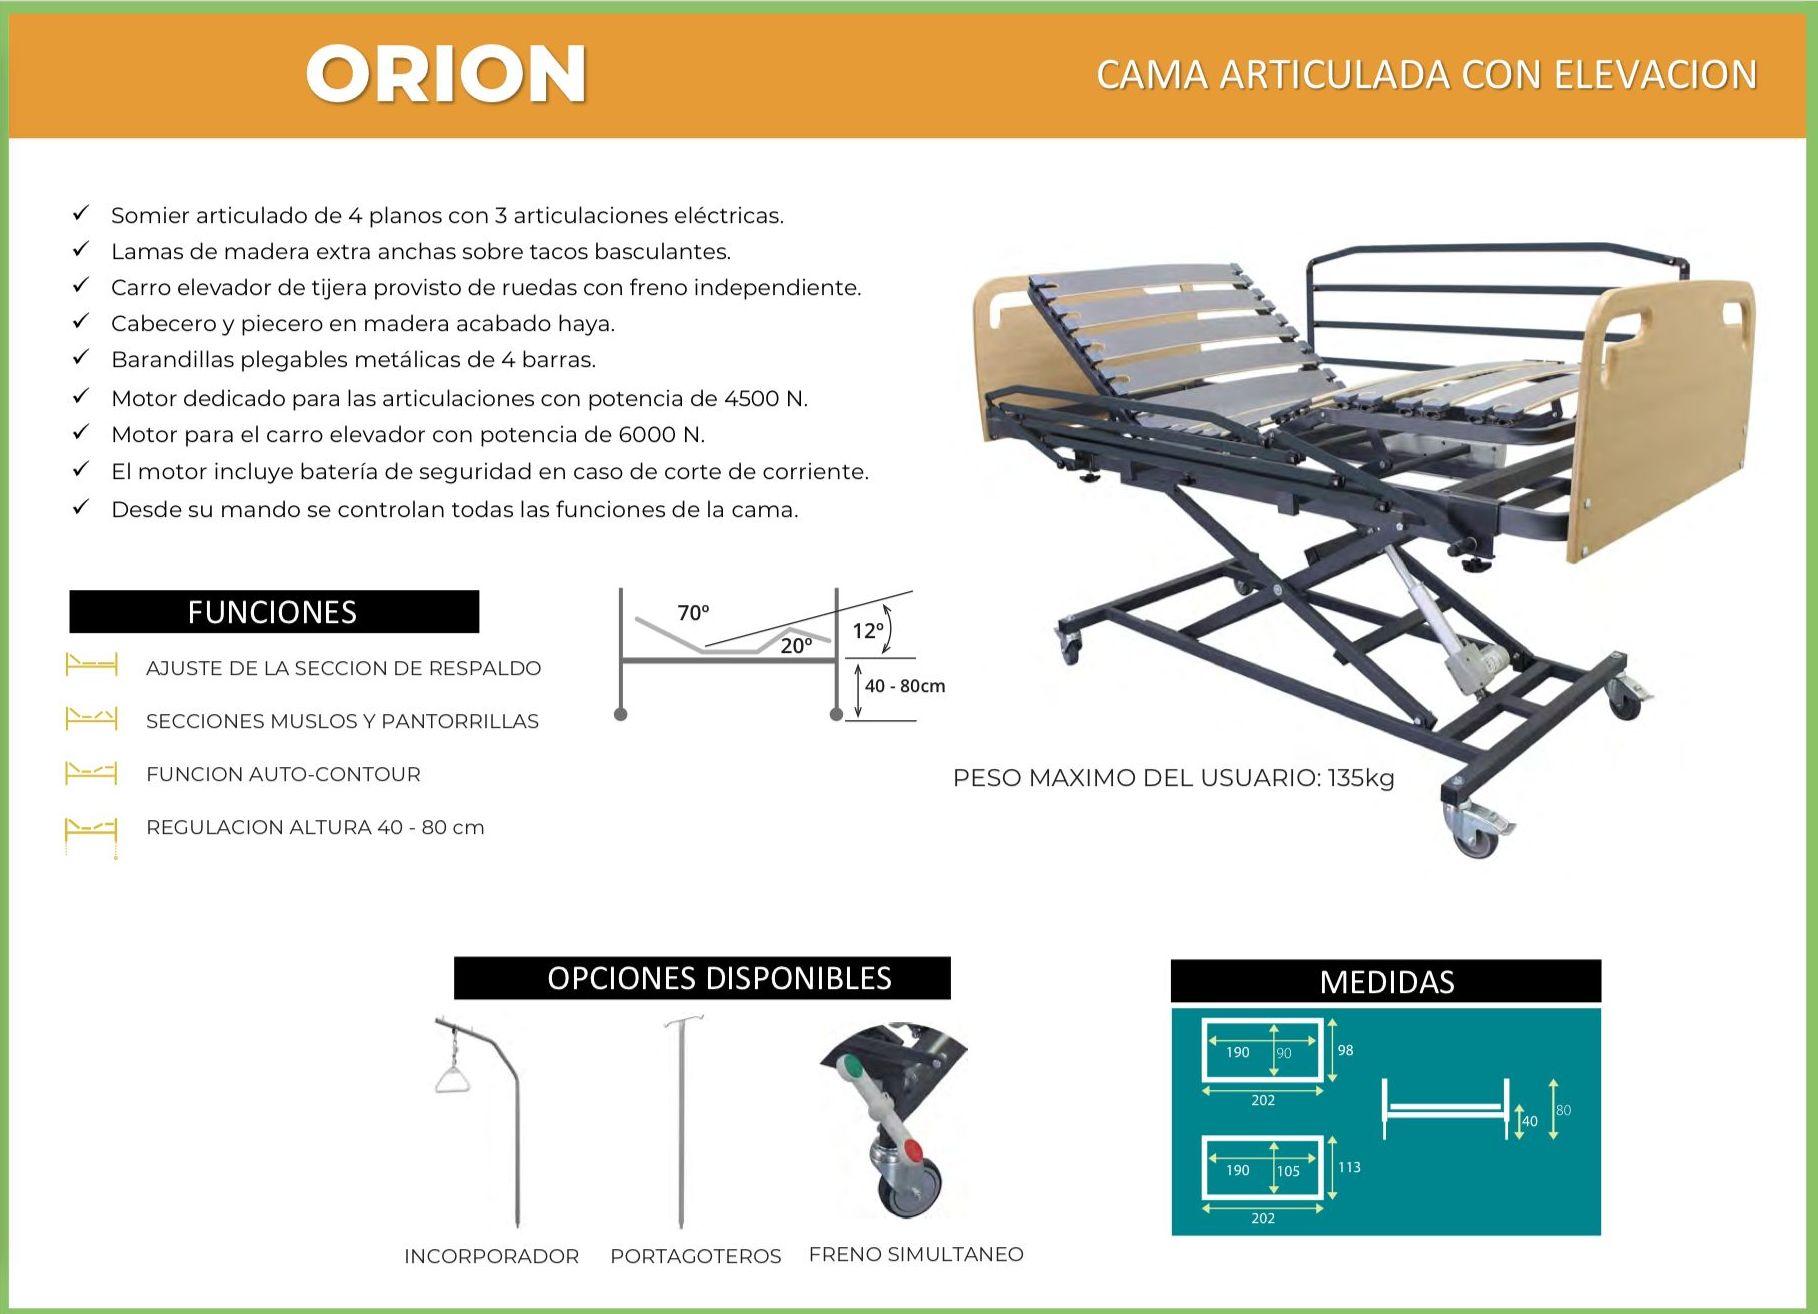 Cama articulada con carro elevador Orion: TIENDA ONLINE de Ortopedia La Fama